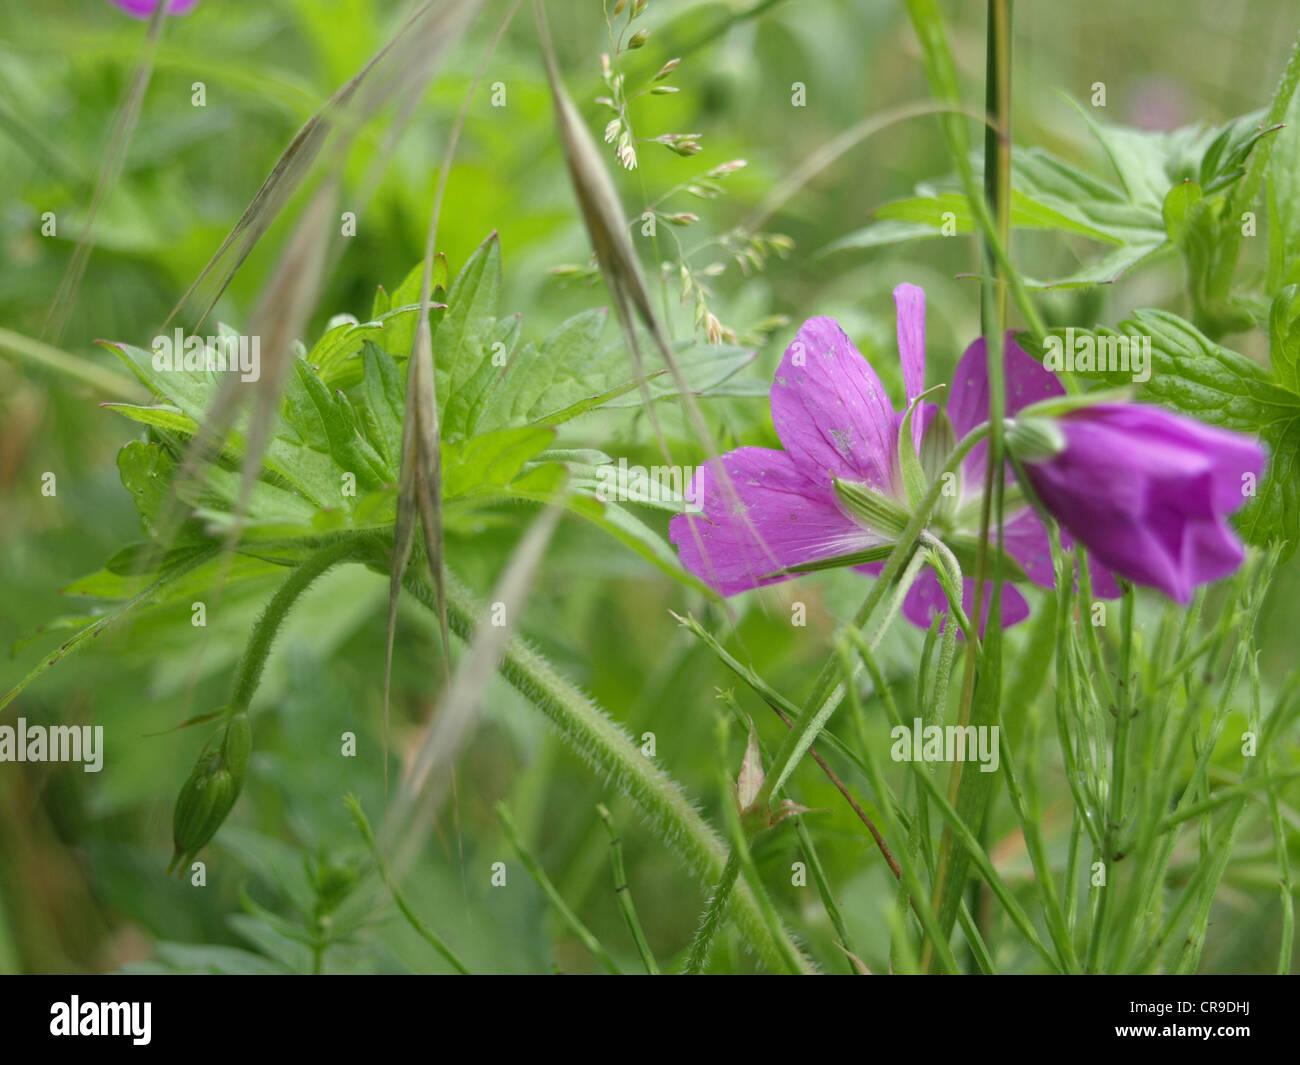 meadow cranesbill / Geranium pratense / Wiesen-Storchschnabel - Stock Image